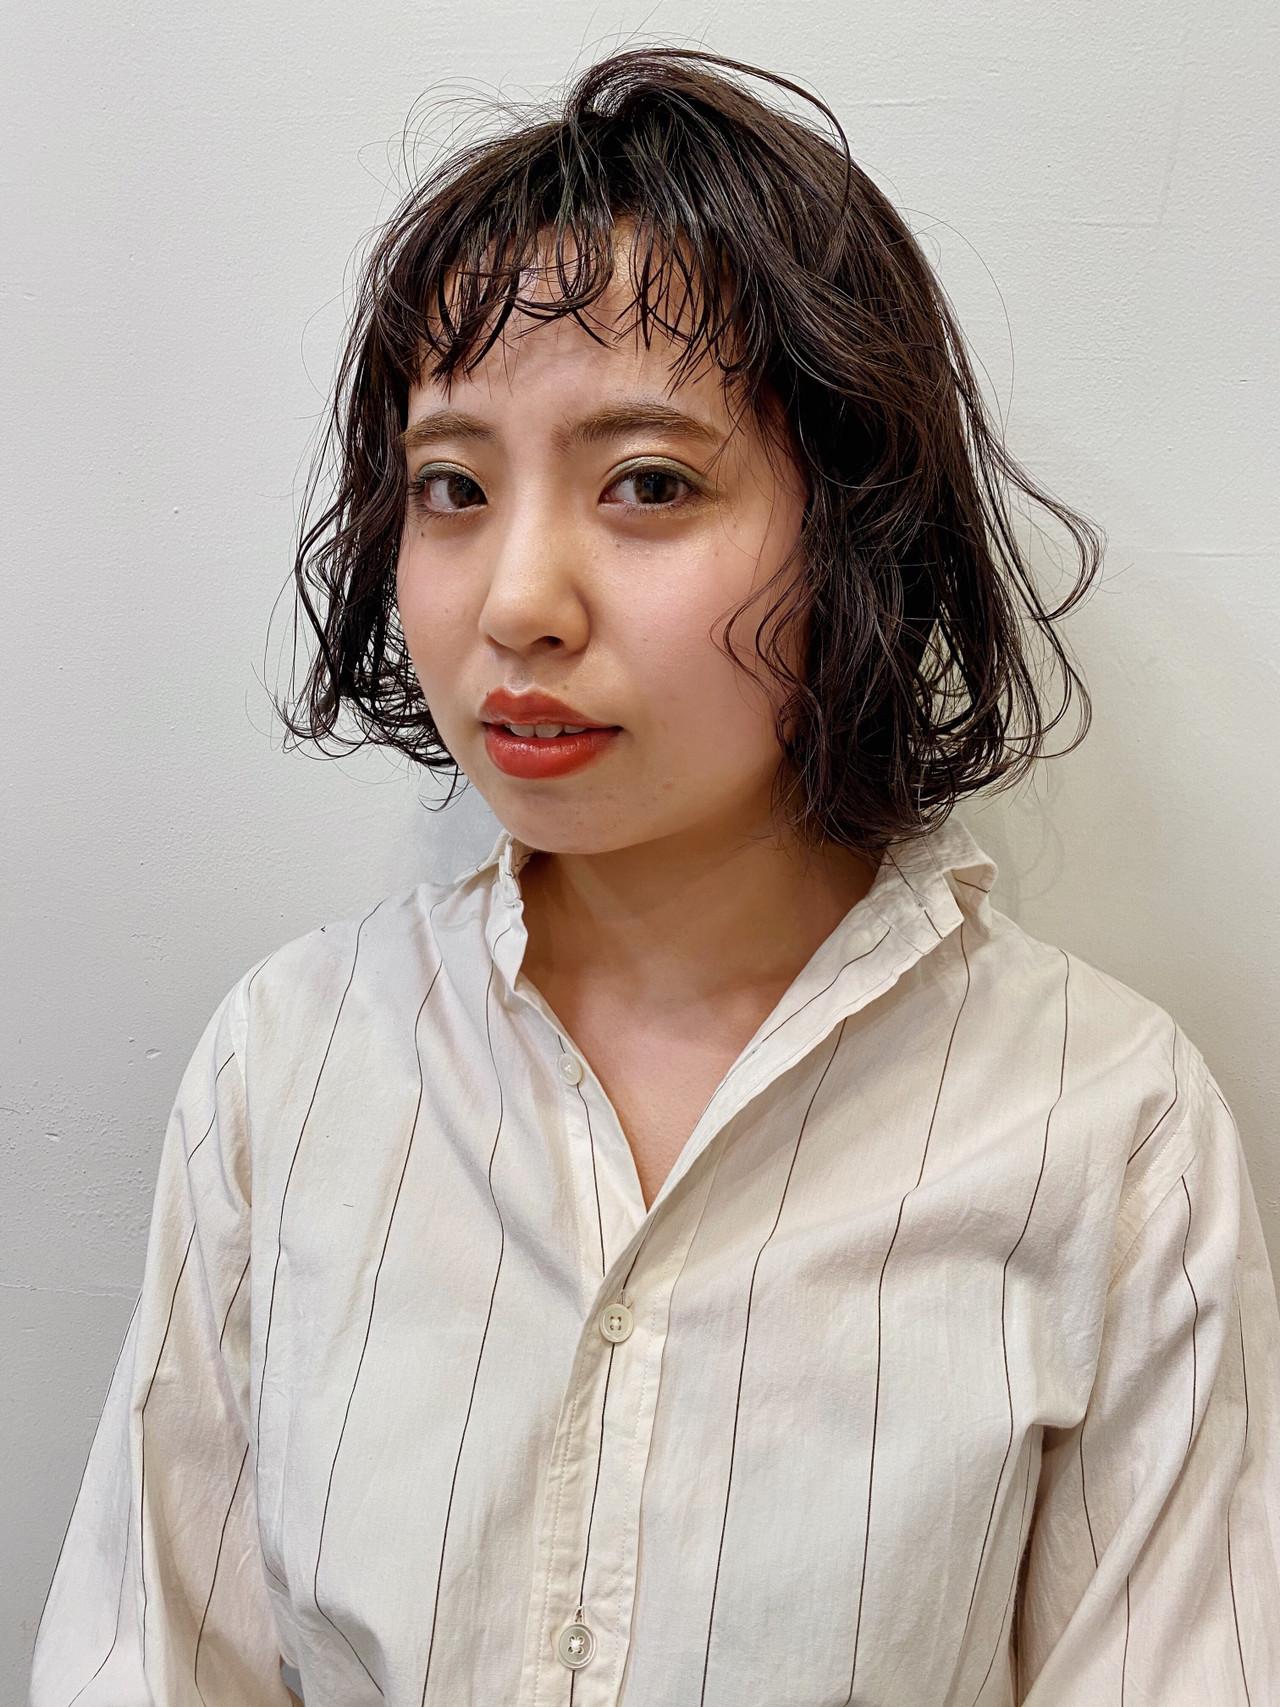 前髪パーマ 無造作パーマ ボブ ダークアッシュ ヘアスタイルや髪型の写真・画像